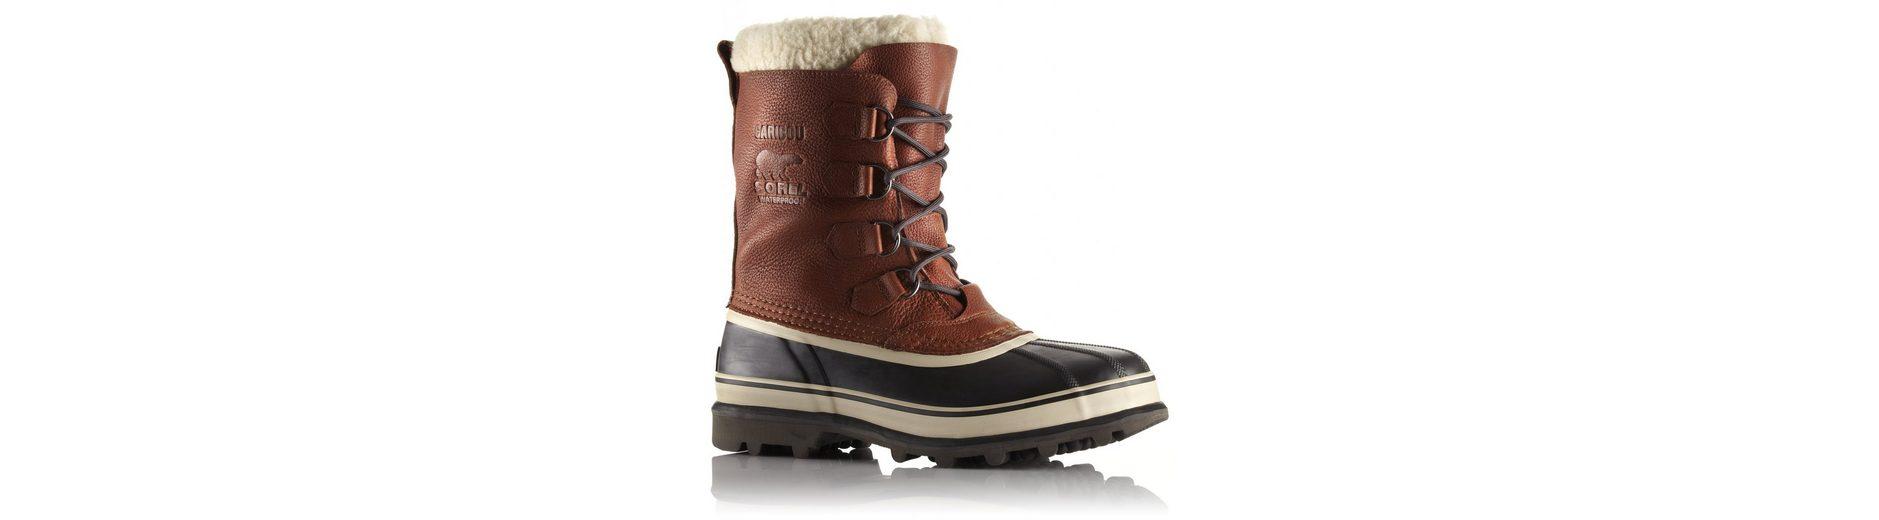 Sorel Stiefel Caribou WL Boots Men Niedriger Preis Online Billig Verkauf Der Neue Ankunft Verkauf Besuch Neu Perfekt wHD5Kc2l